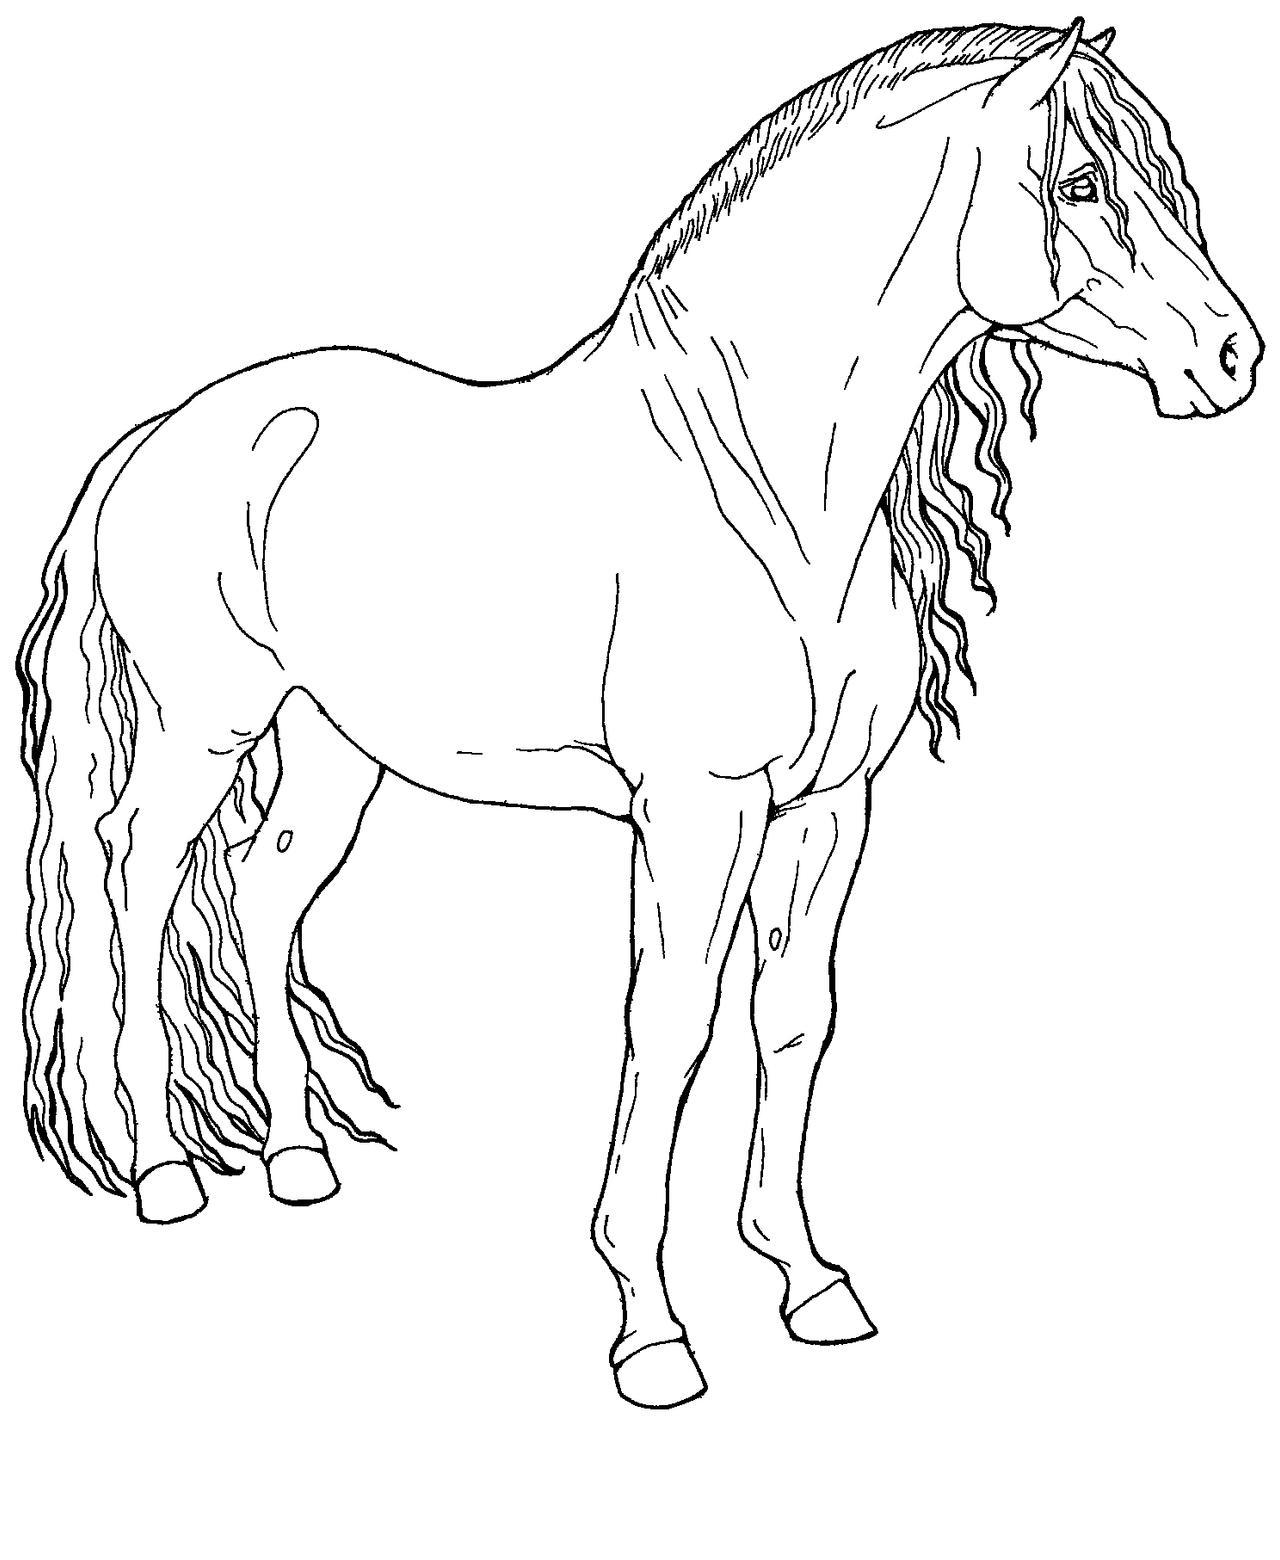 Line Art Horse : Free line art paso horse by applehunter on deviantart